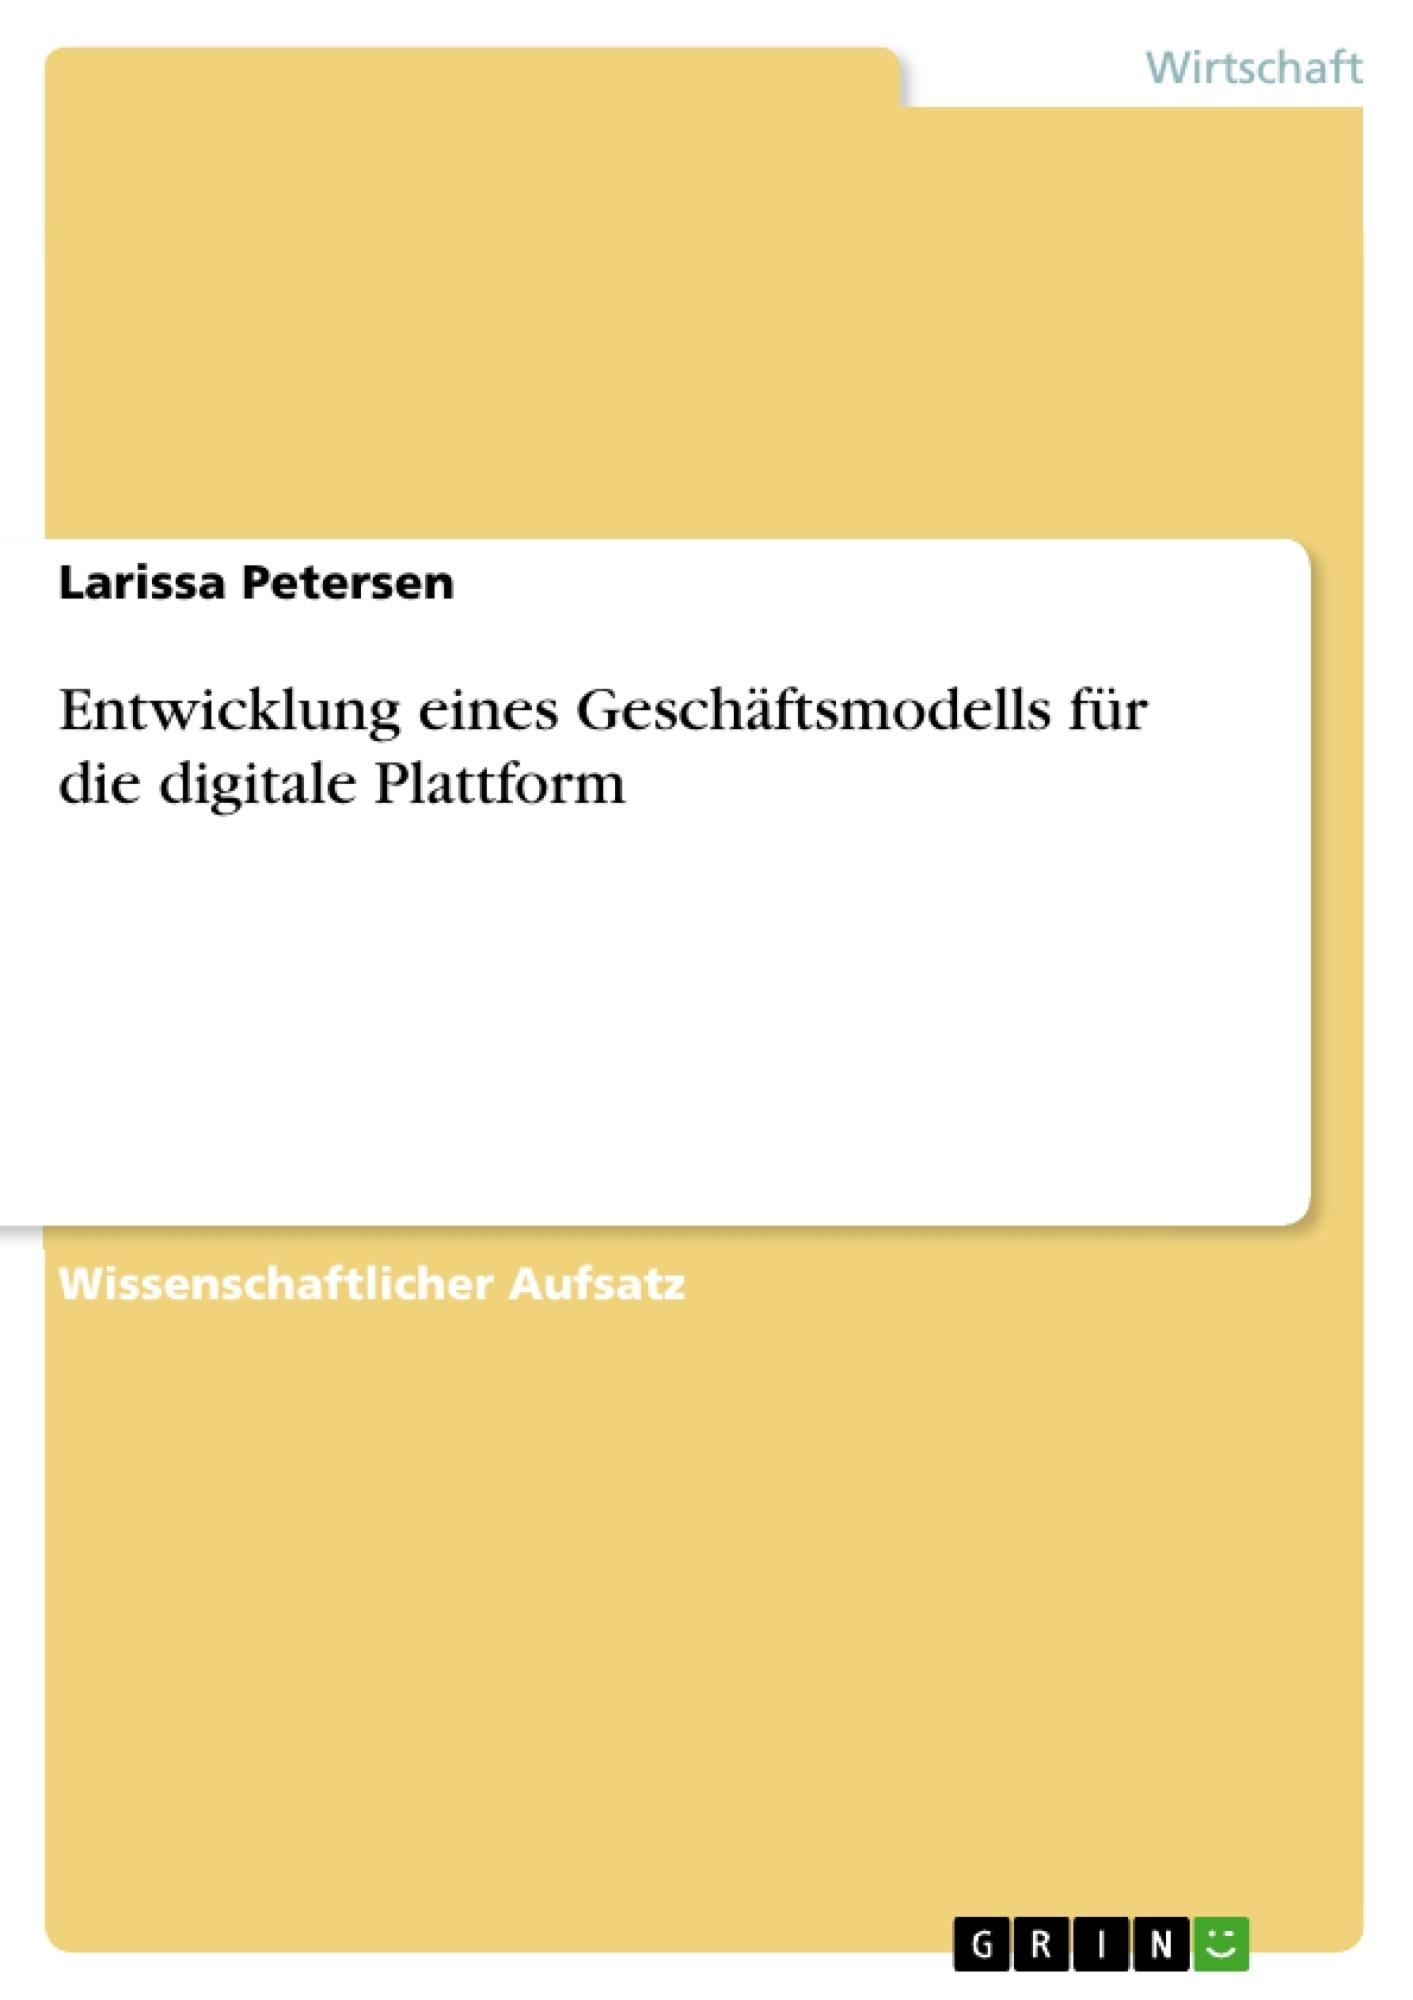 Titel: Entwicklung eines Geschäftsmodells für die digitale Plattform